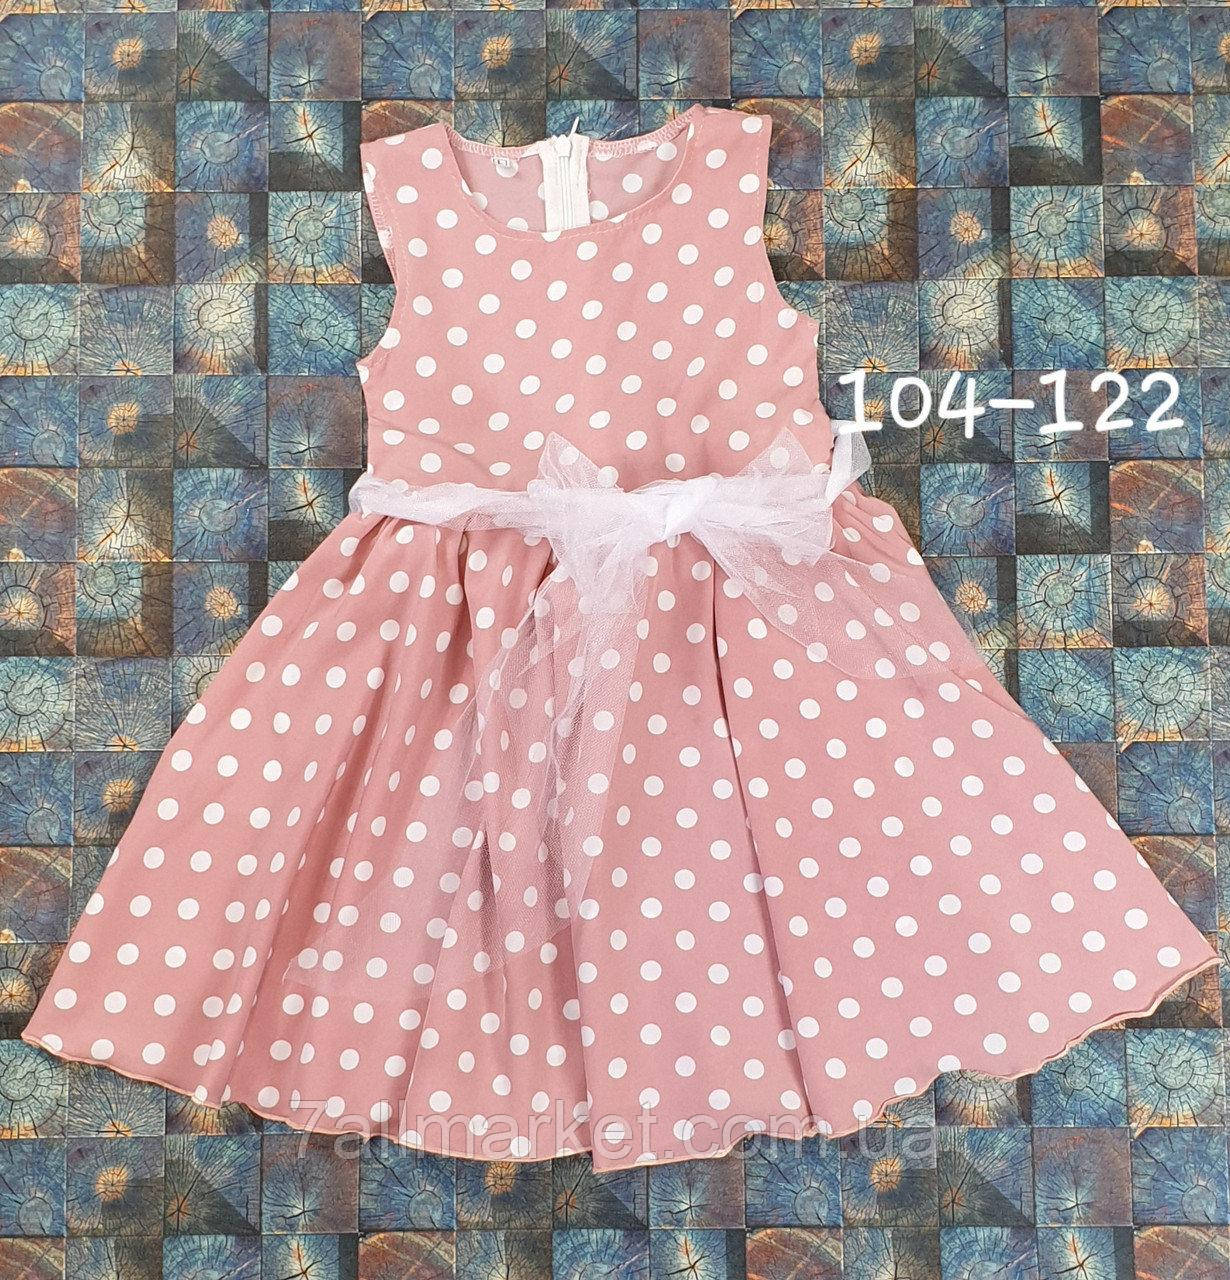 07bca048d06536b Платье детское летнее в горошек на девочку 104-122 см